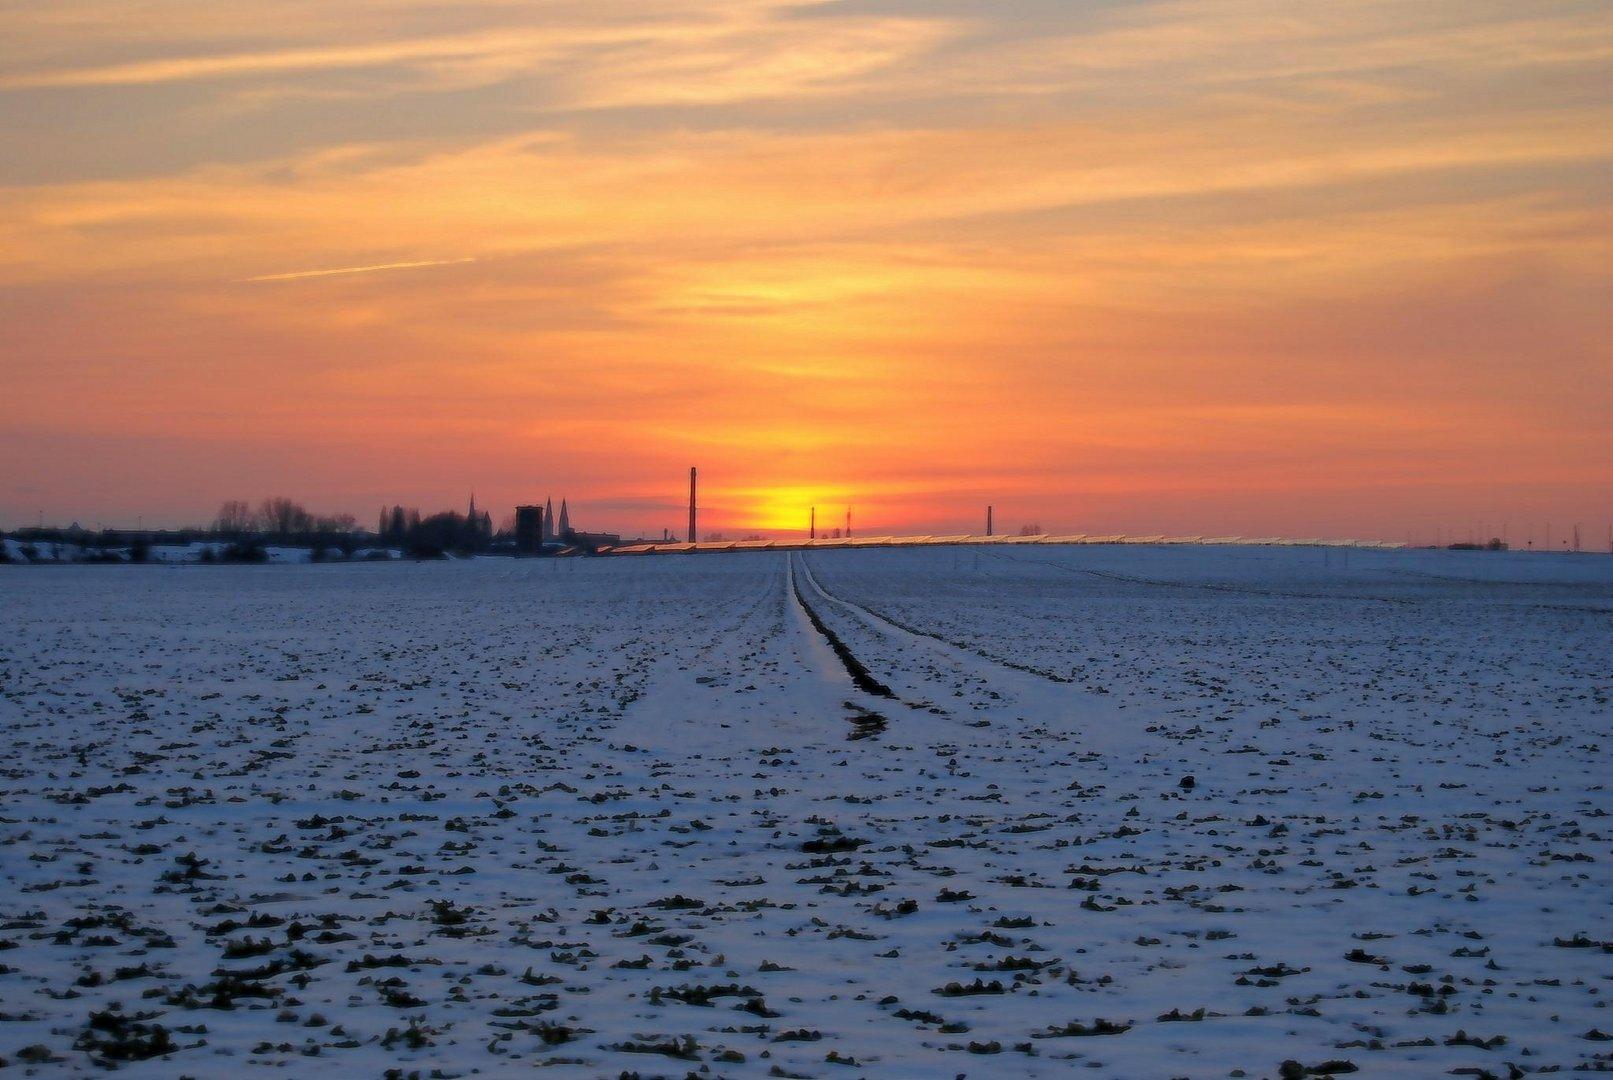 Halberstadt beim Sonnenuntergang